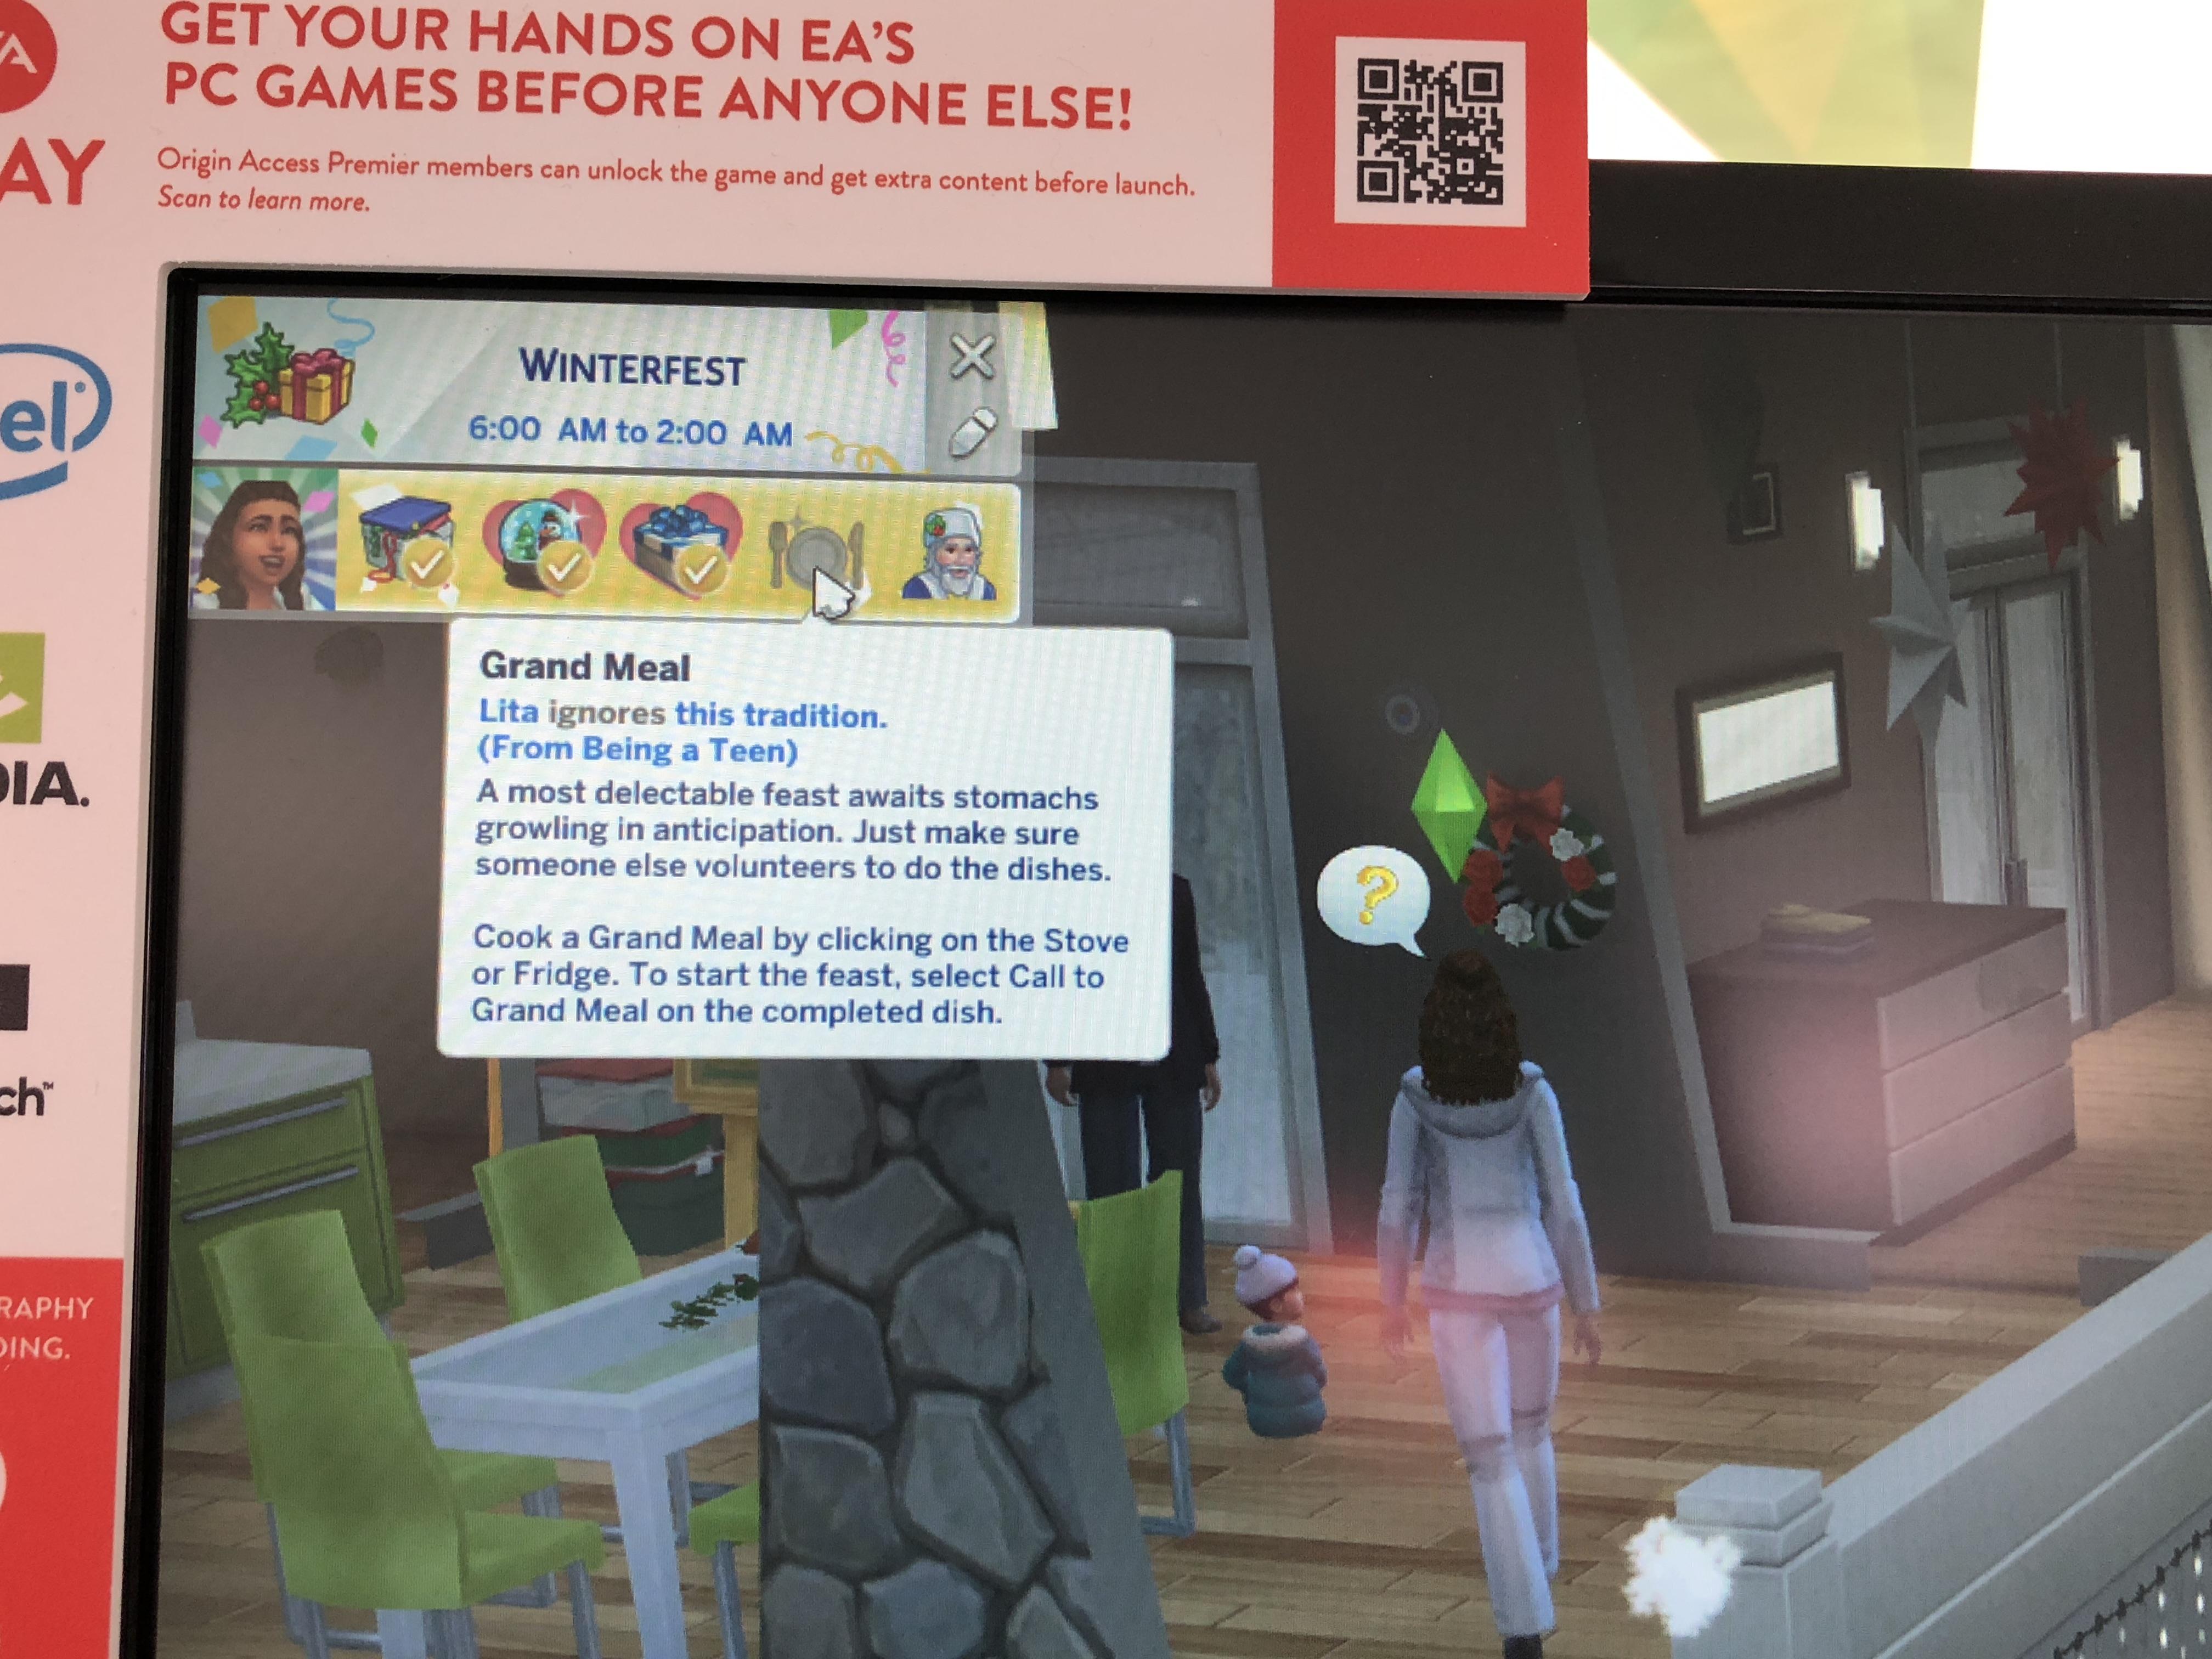 Co je nového ve světě The Sims 4 - Stránka 2 Image1-1